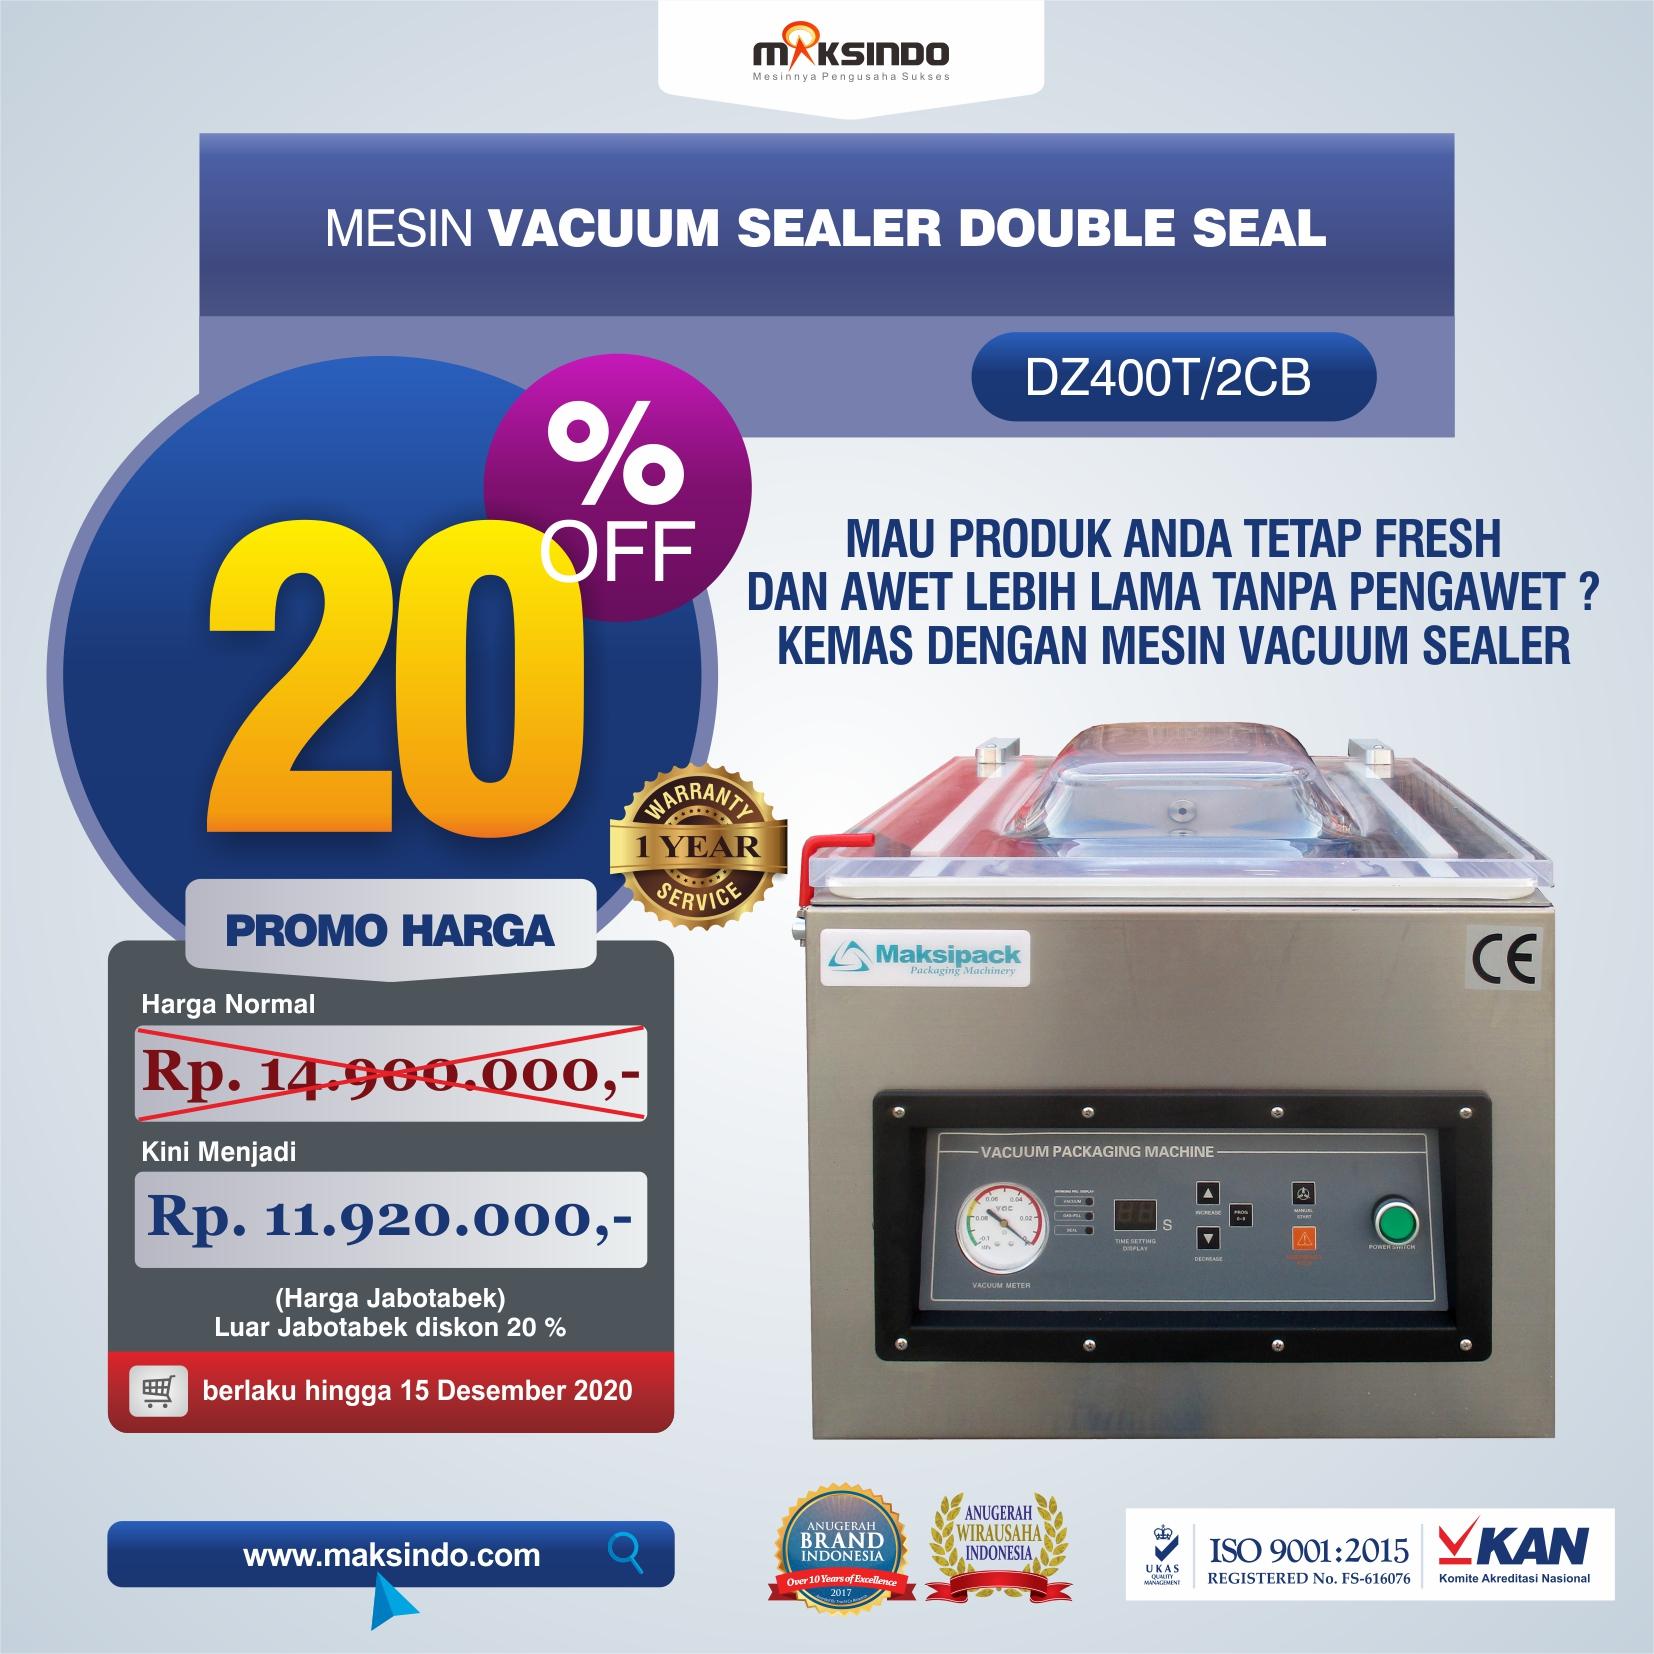 Jual Vacuum Sealer Double Seal DZ400T/2CB di Medan